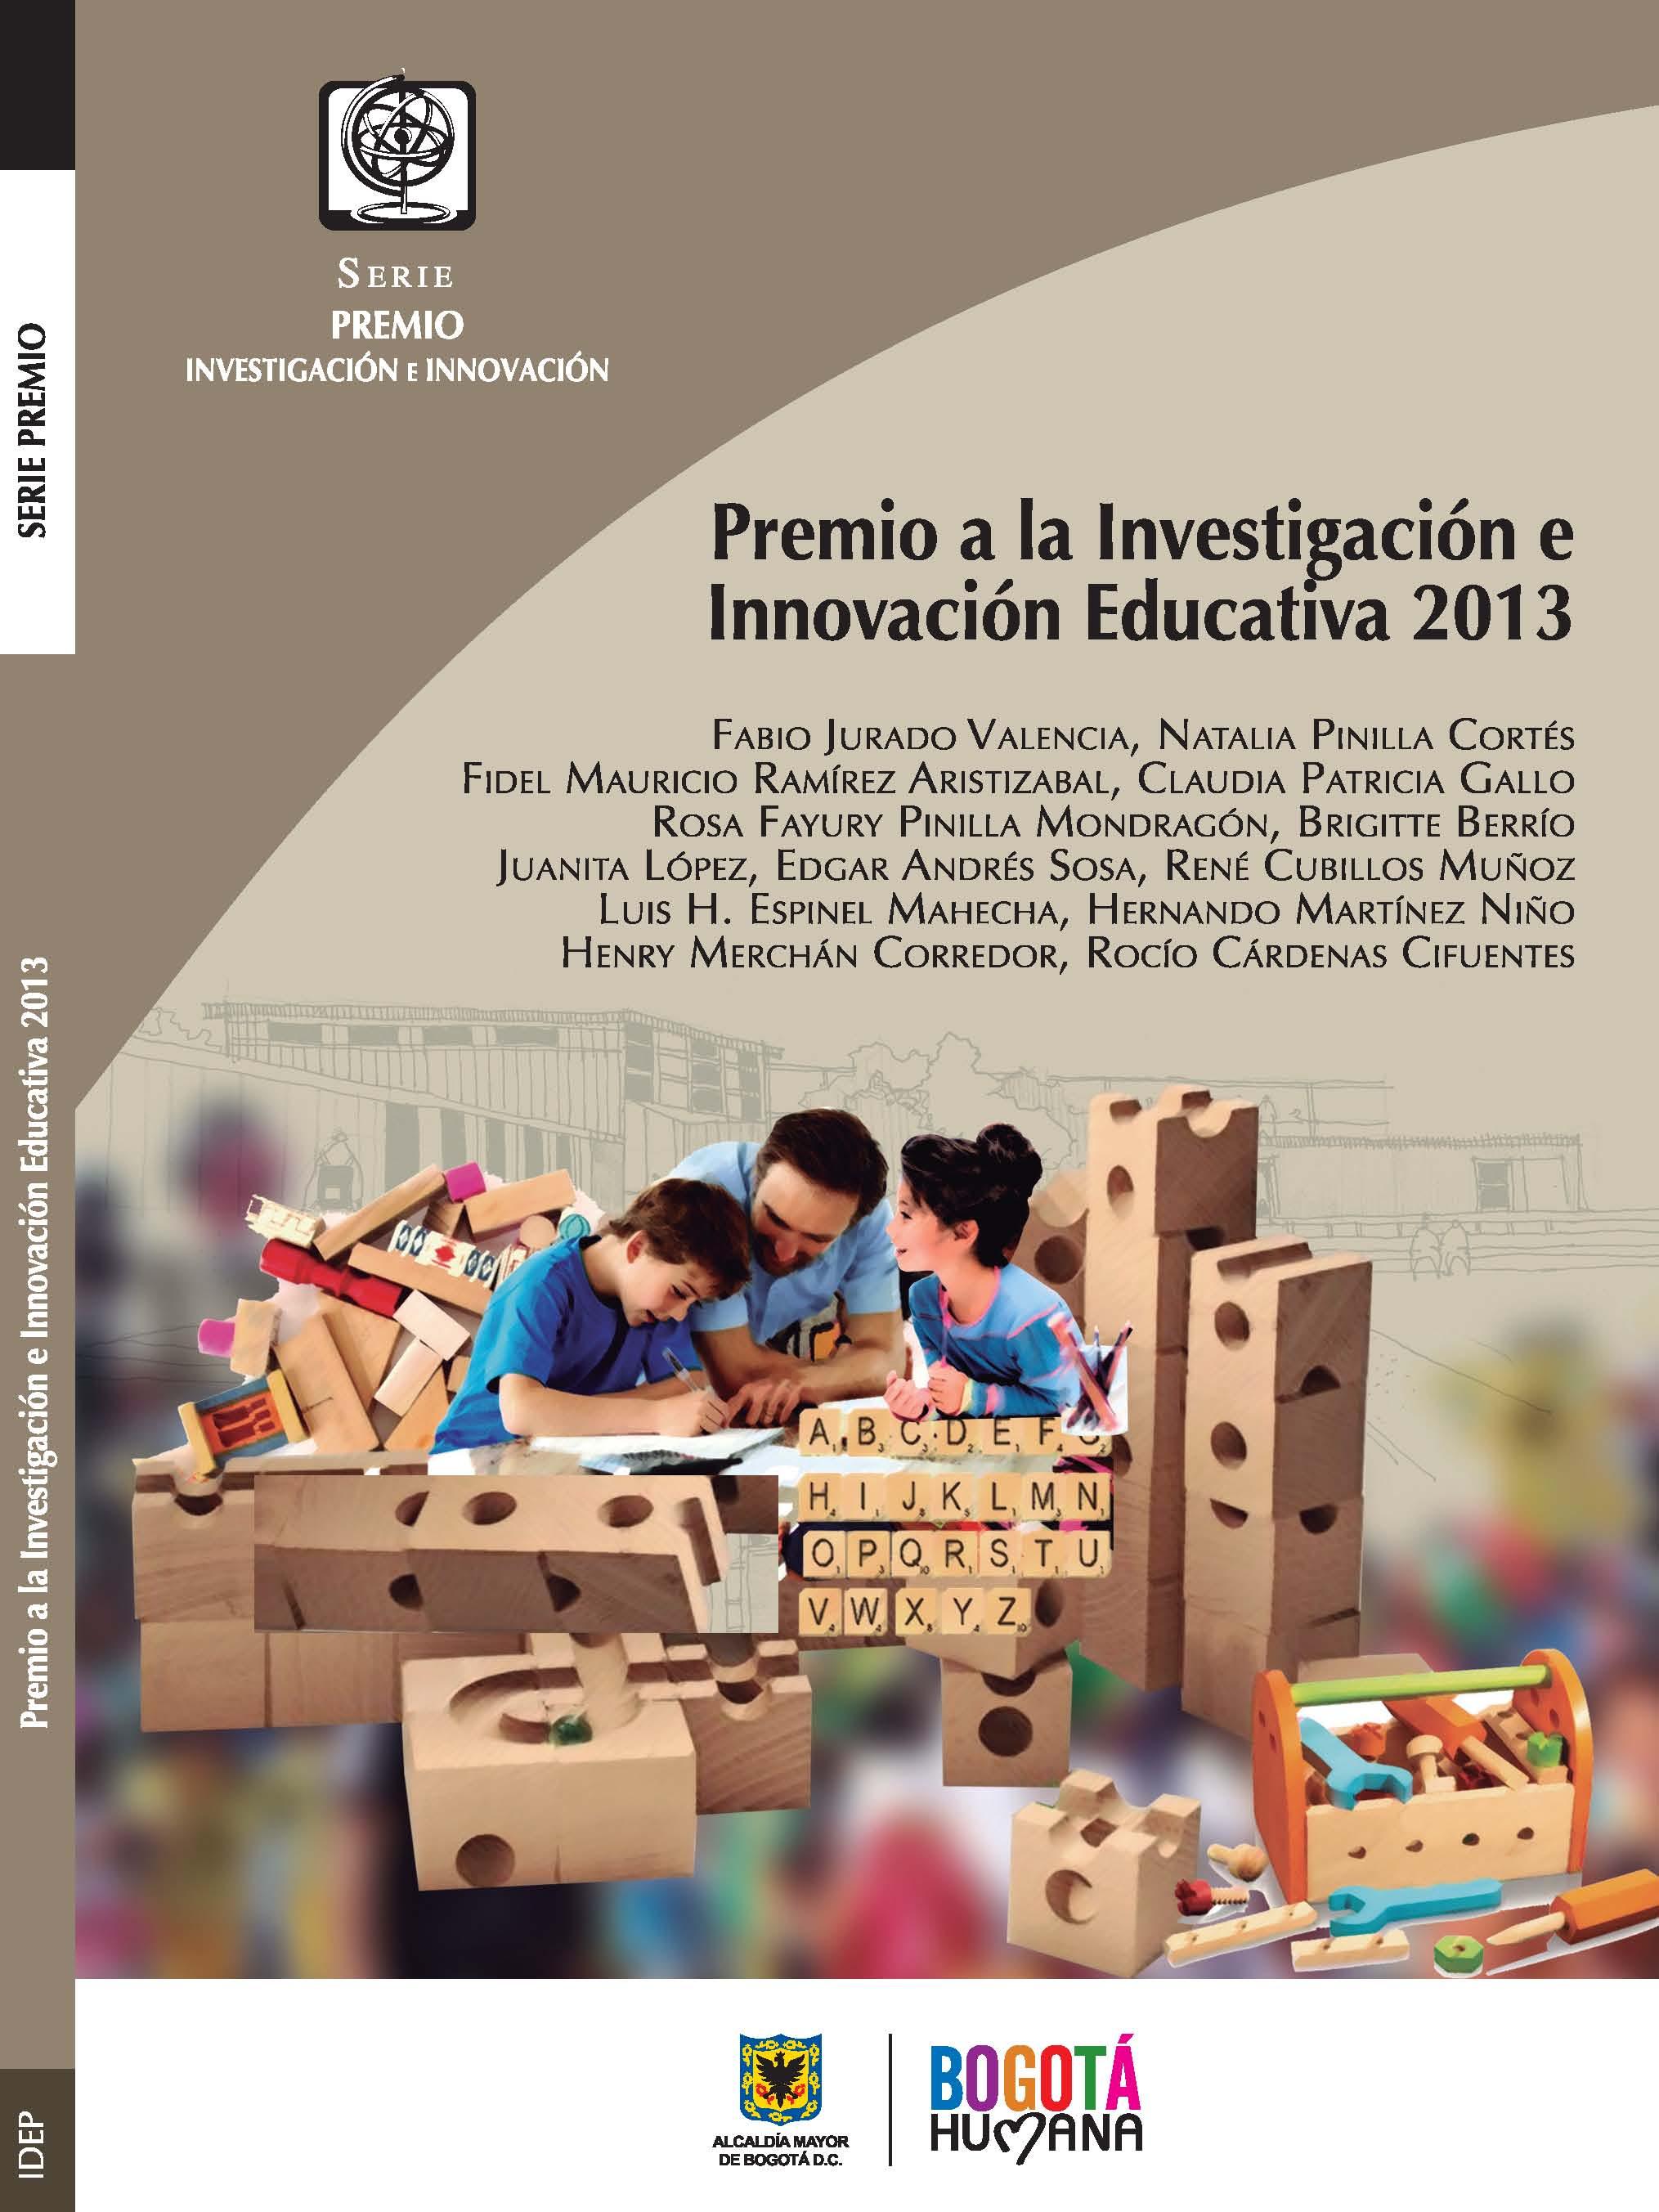 Premio a la investigaci�n e innovaci�n educativa y pedag�gica 2013